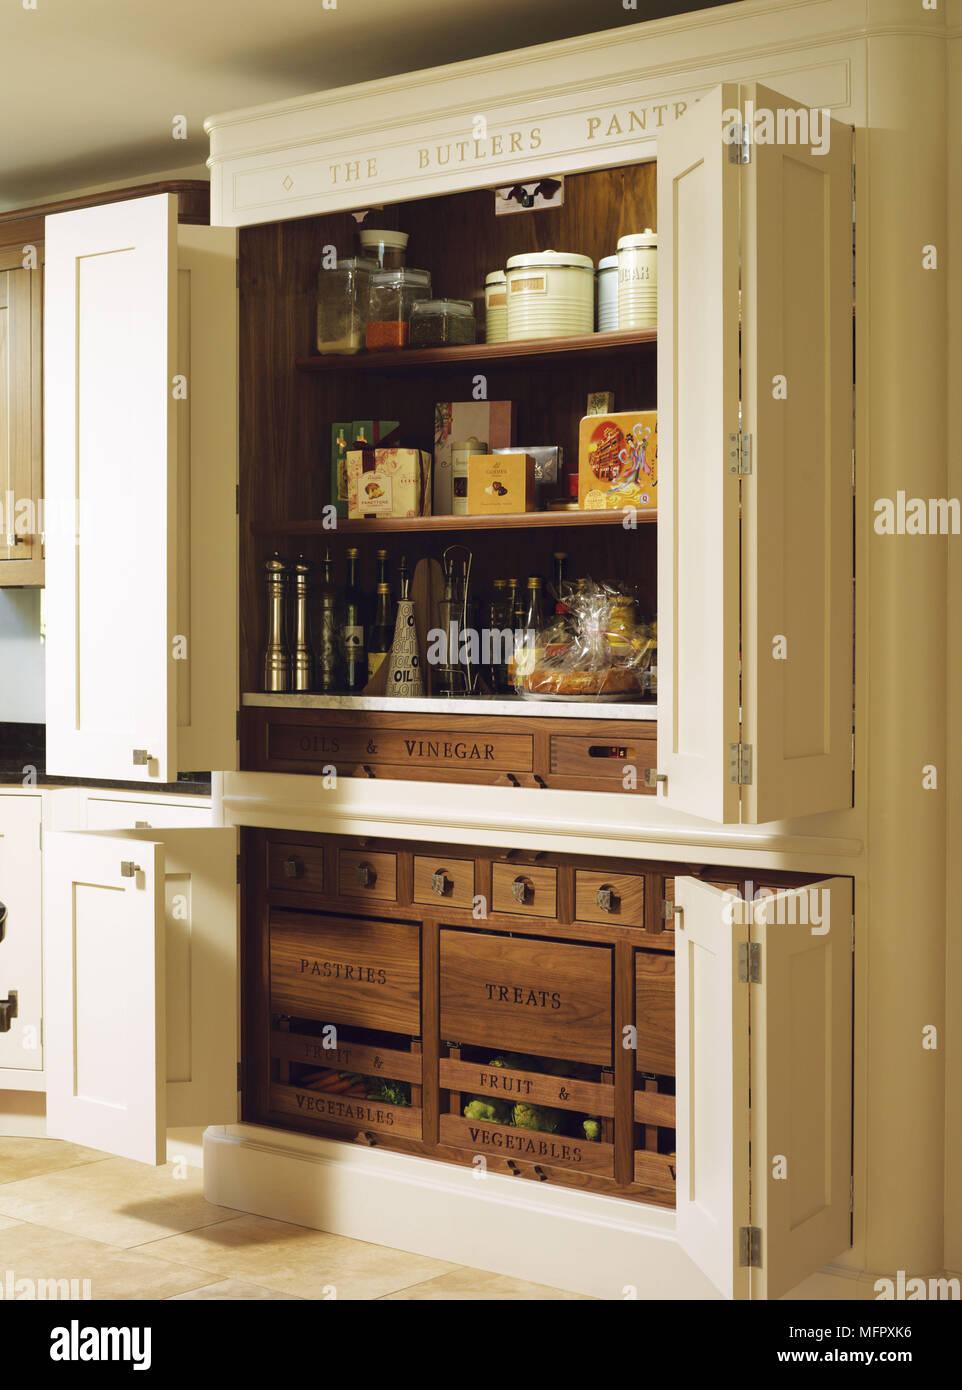 Built In Larder Storage Unit With Doors Open